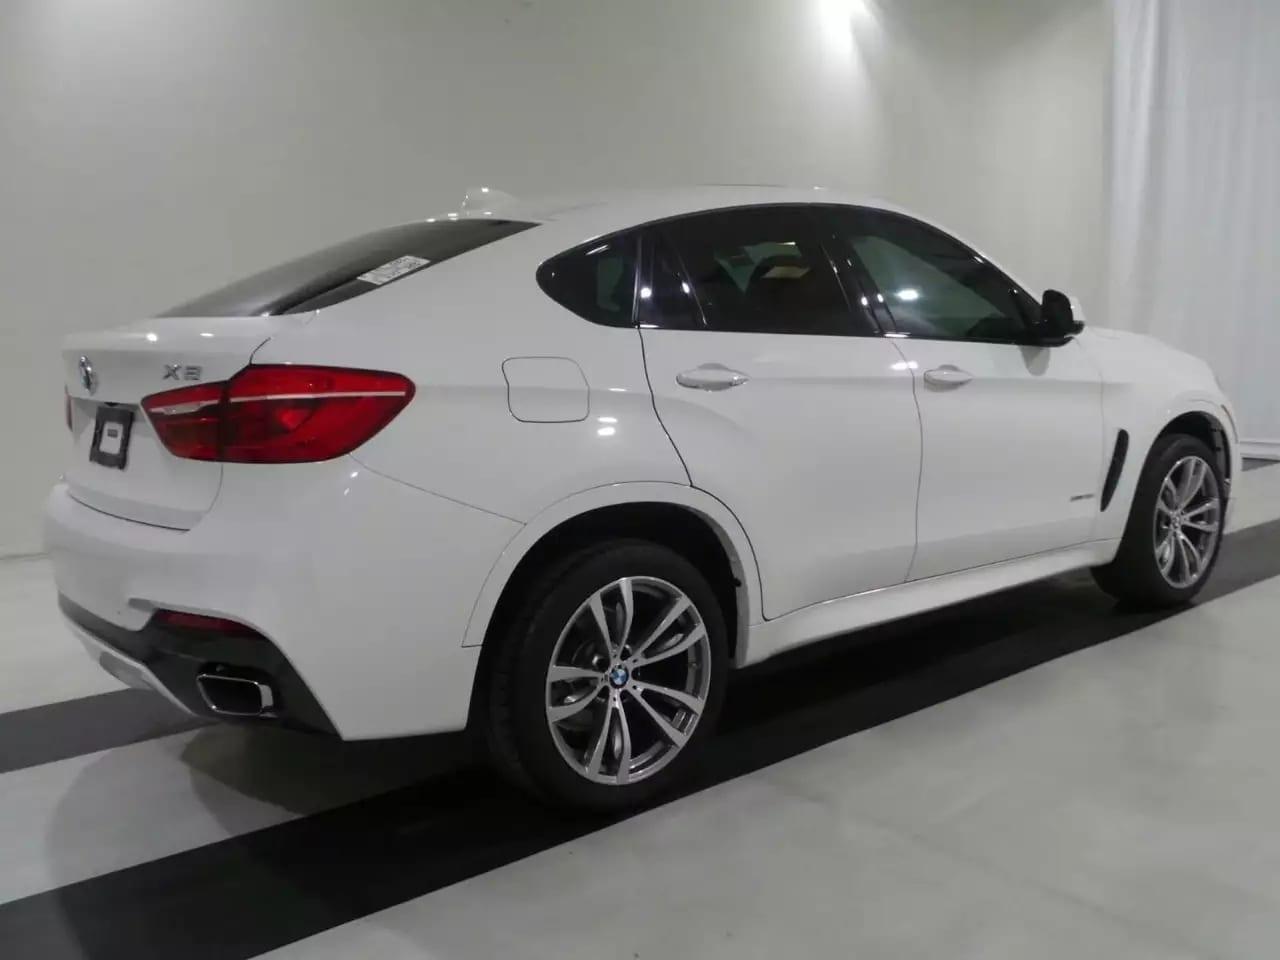 稀有货色,2016 Bmw X6 msports,白外红内,配置几乎到顶了